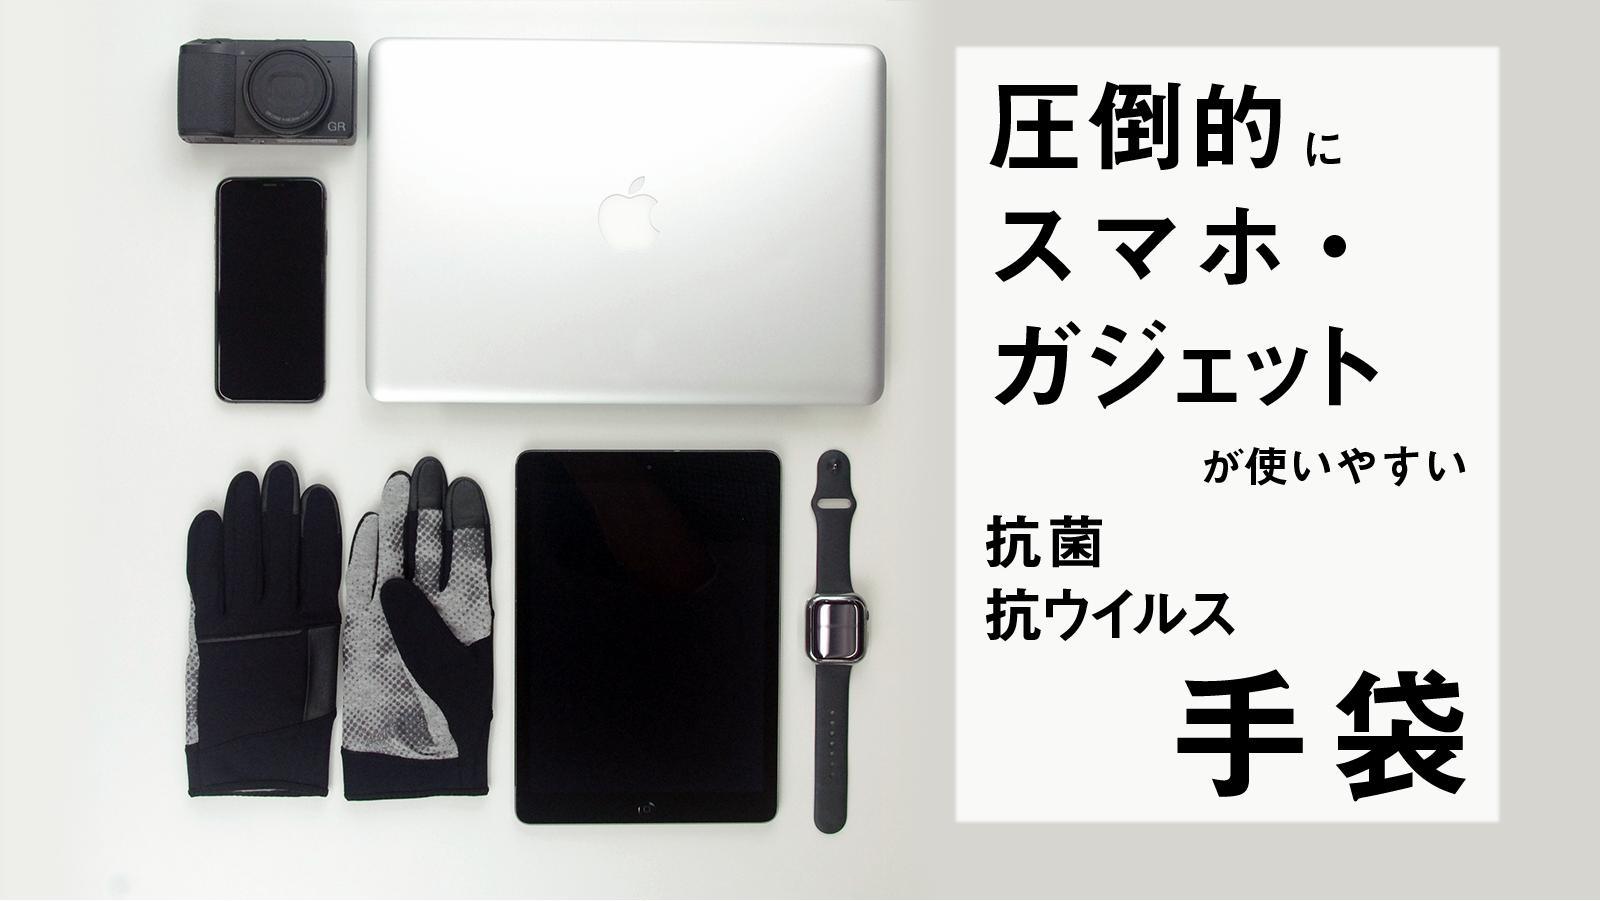 「落としにくい」「感度がいい」!iPhone12など最新のスマホ・ガジェット製品利用に適したスマホ・ガジェット専用手袋を、応援購入サイトMakuake(マクアケ)にて期間限定販売